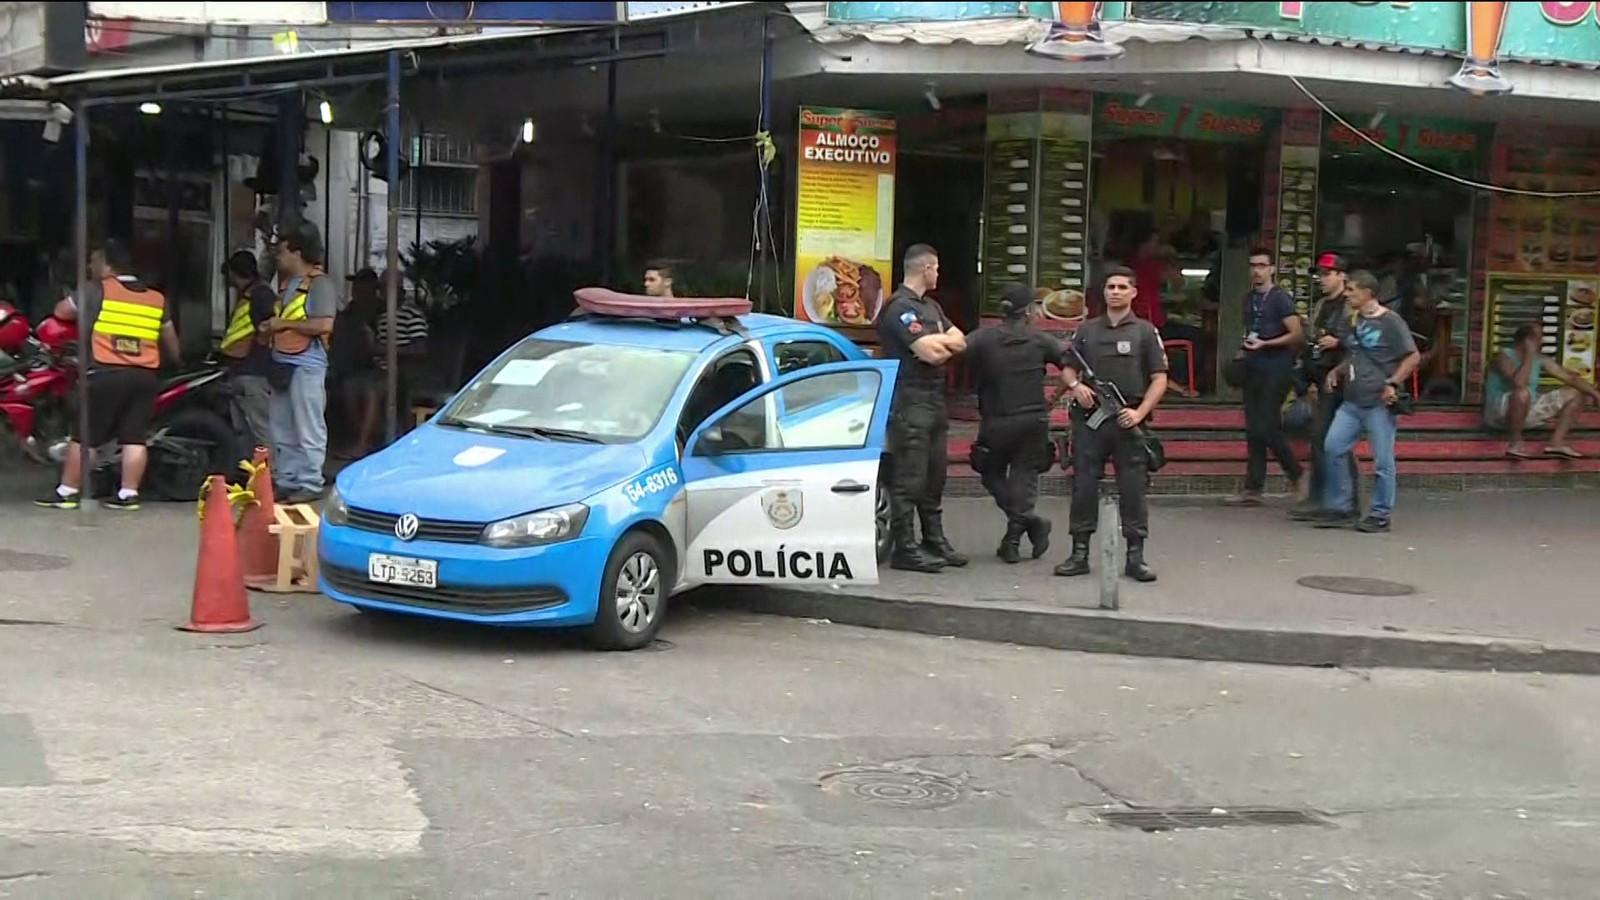 Noticiário do Rio de Janeiro